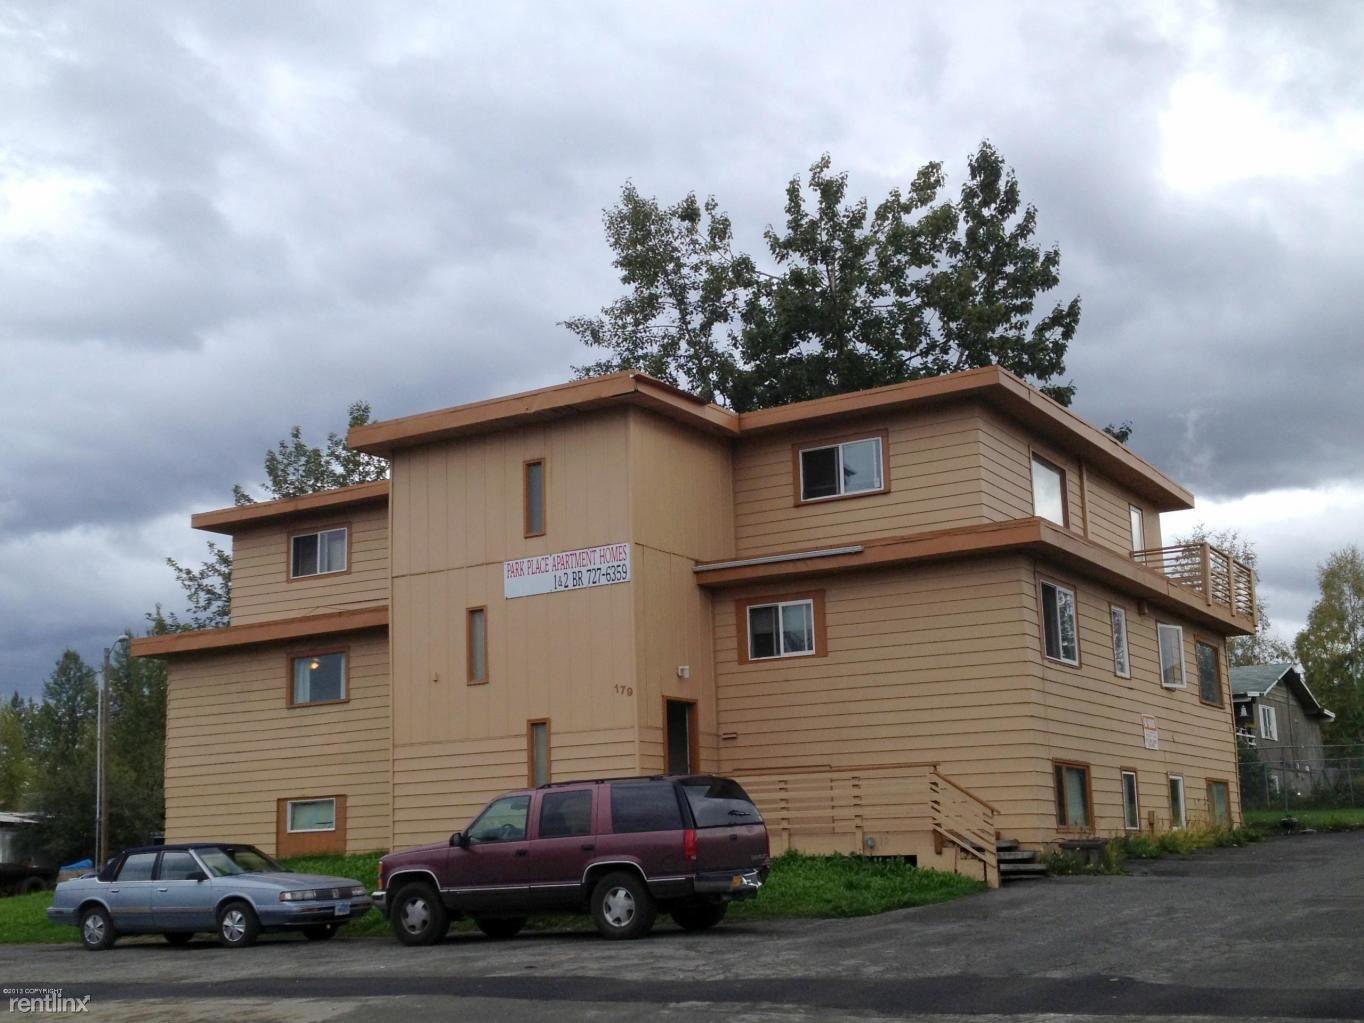 179 Oklahoma St Apt 6, Anchorage, AK - $850